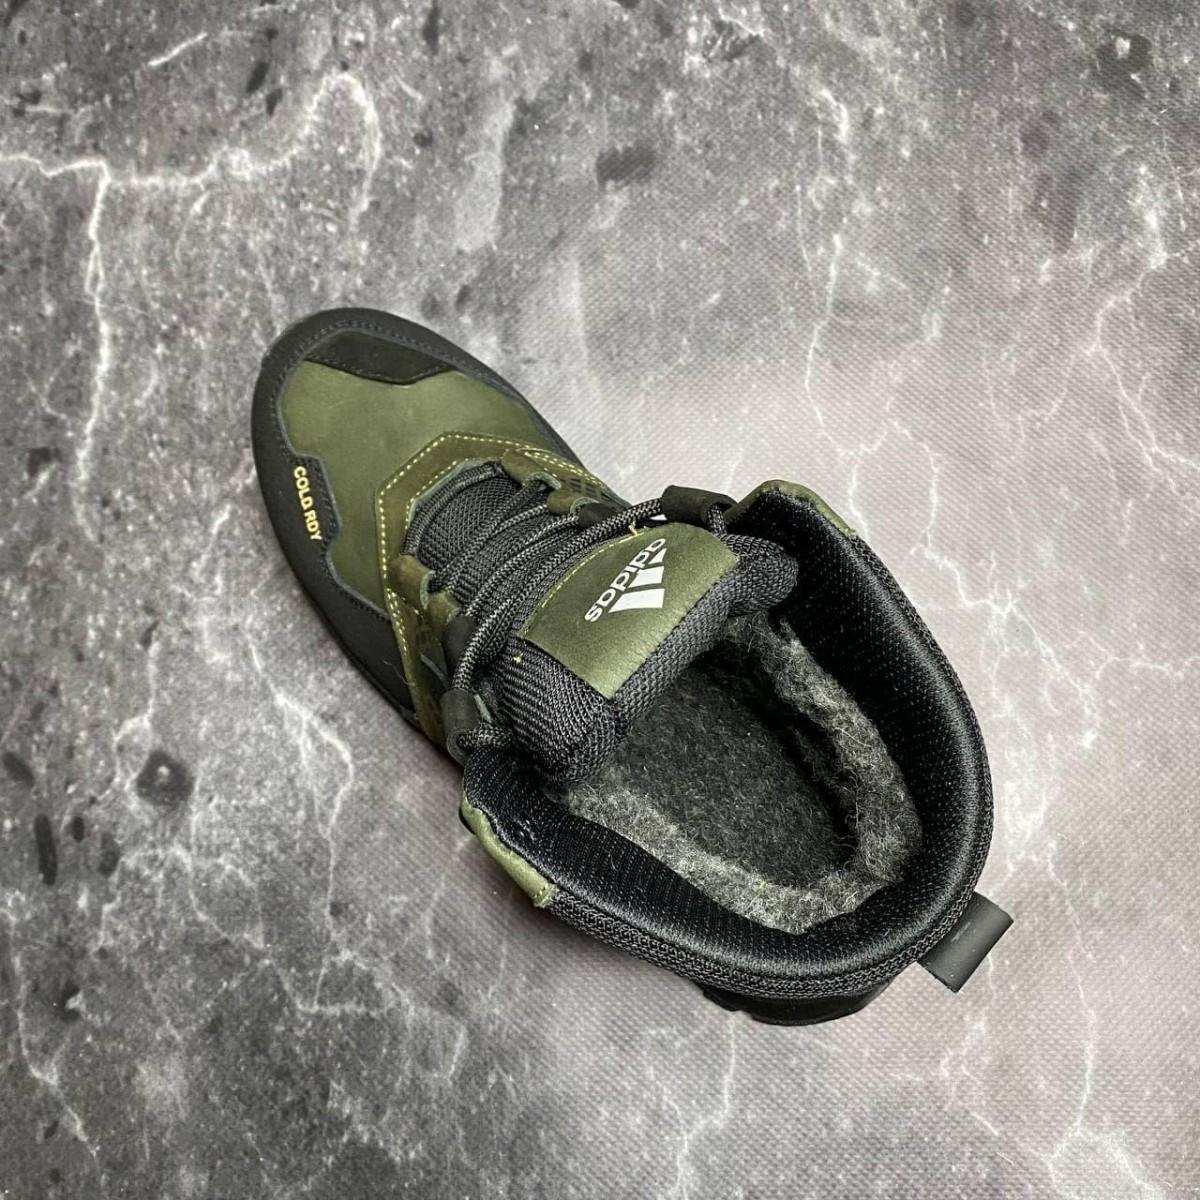 Зимние кожаные ботинки кроссовки на меху Adidas Polar Ranger Olive